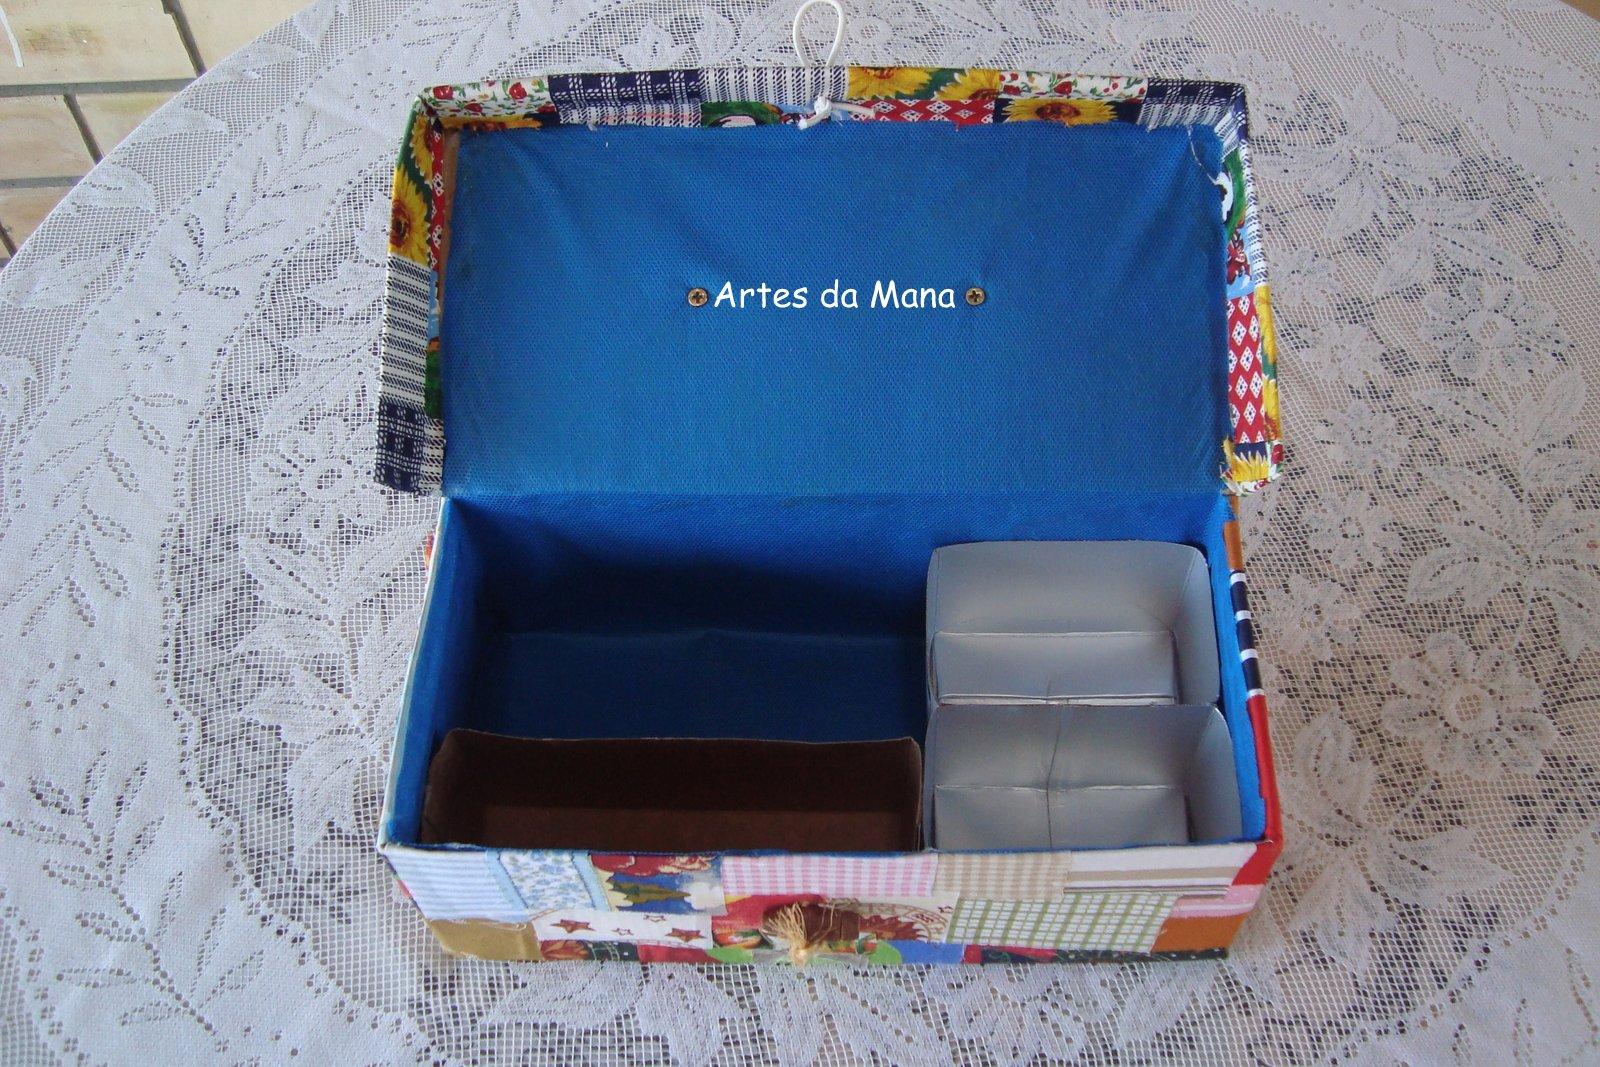 Caixa de sapato reciclagem ARTES DA MANA #1F5E9C 1600x1067